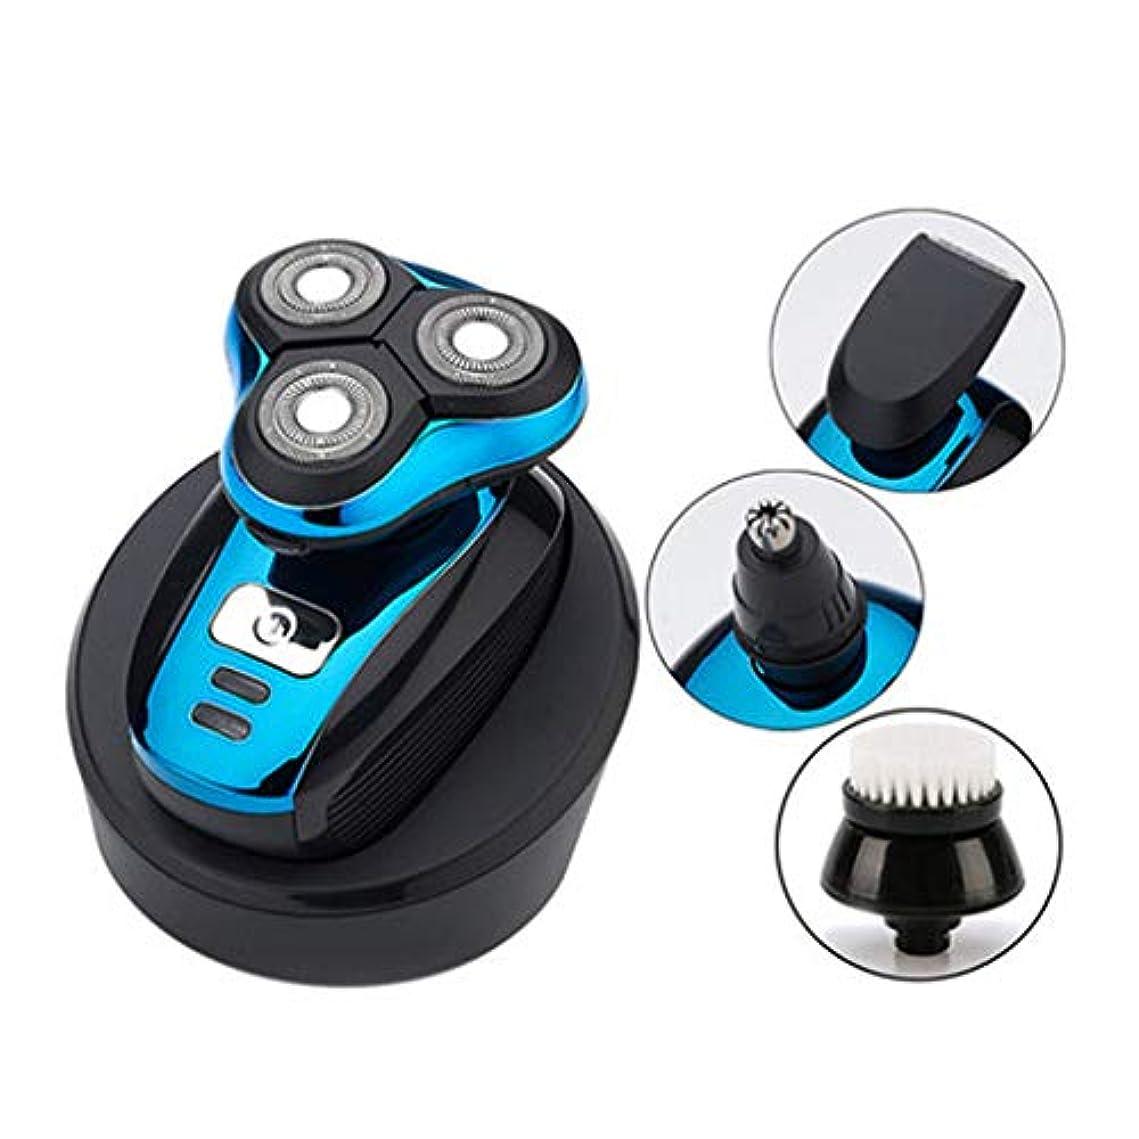 シェア応じる順番小型電気かみそり、メンズ充電コードレス多機能トリマー/ホーン/鼻毛/クレンジング/散髪、防水デザイン